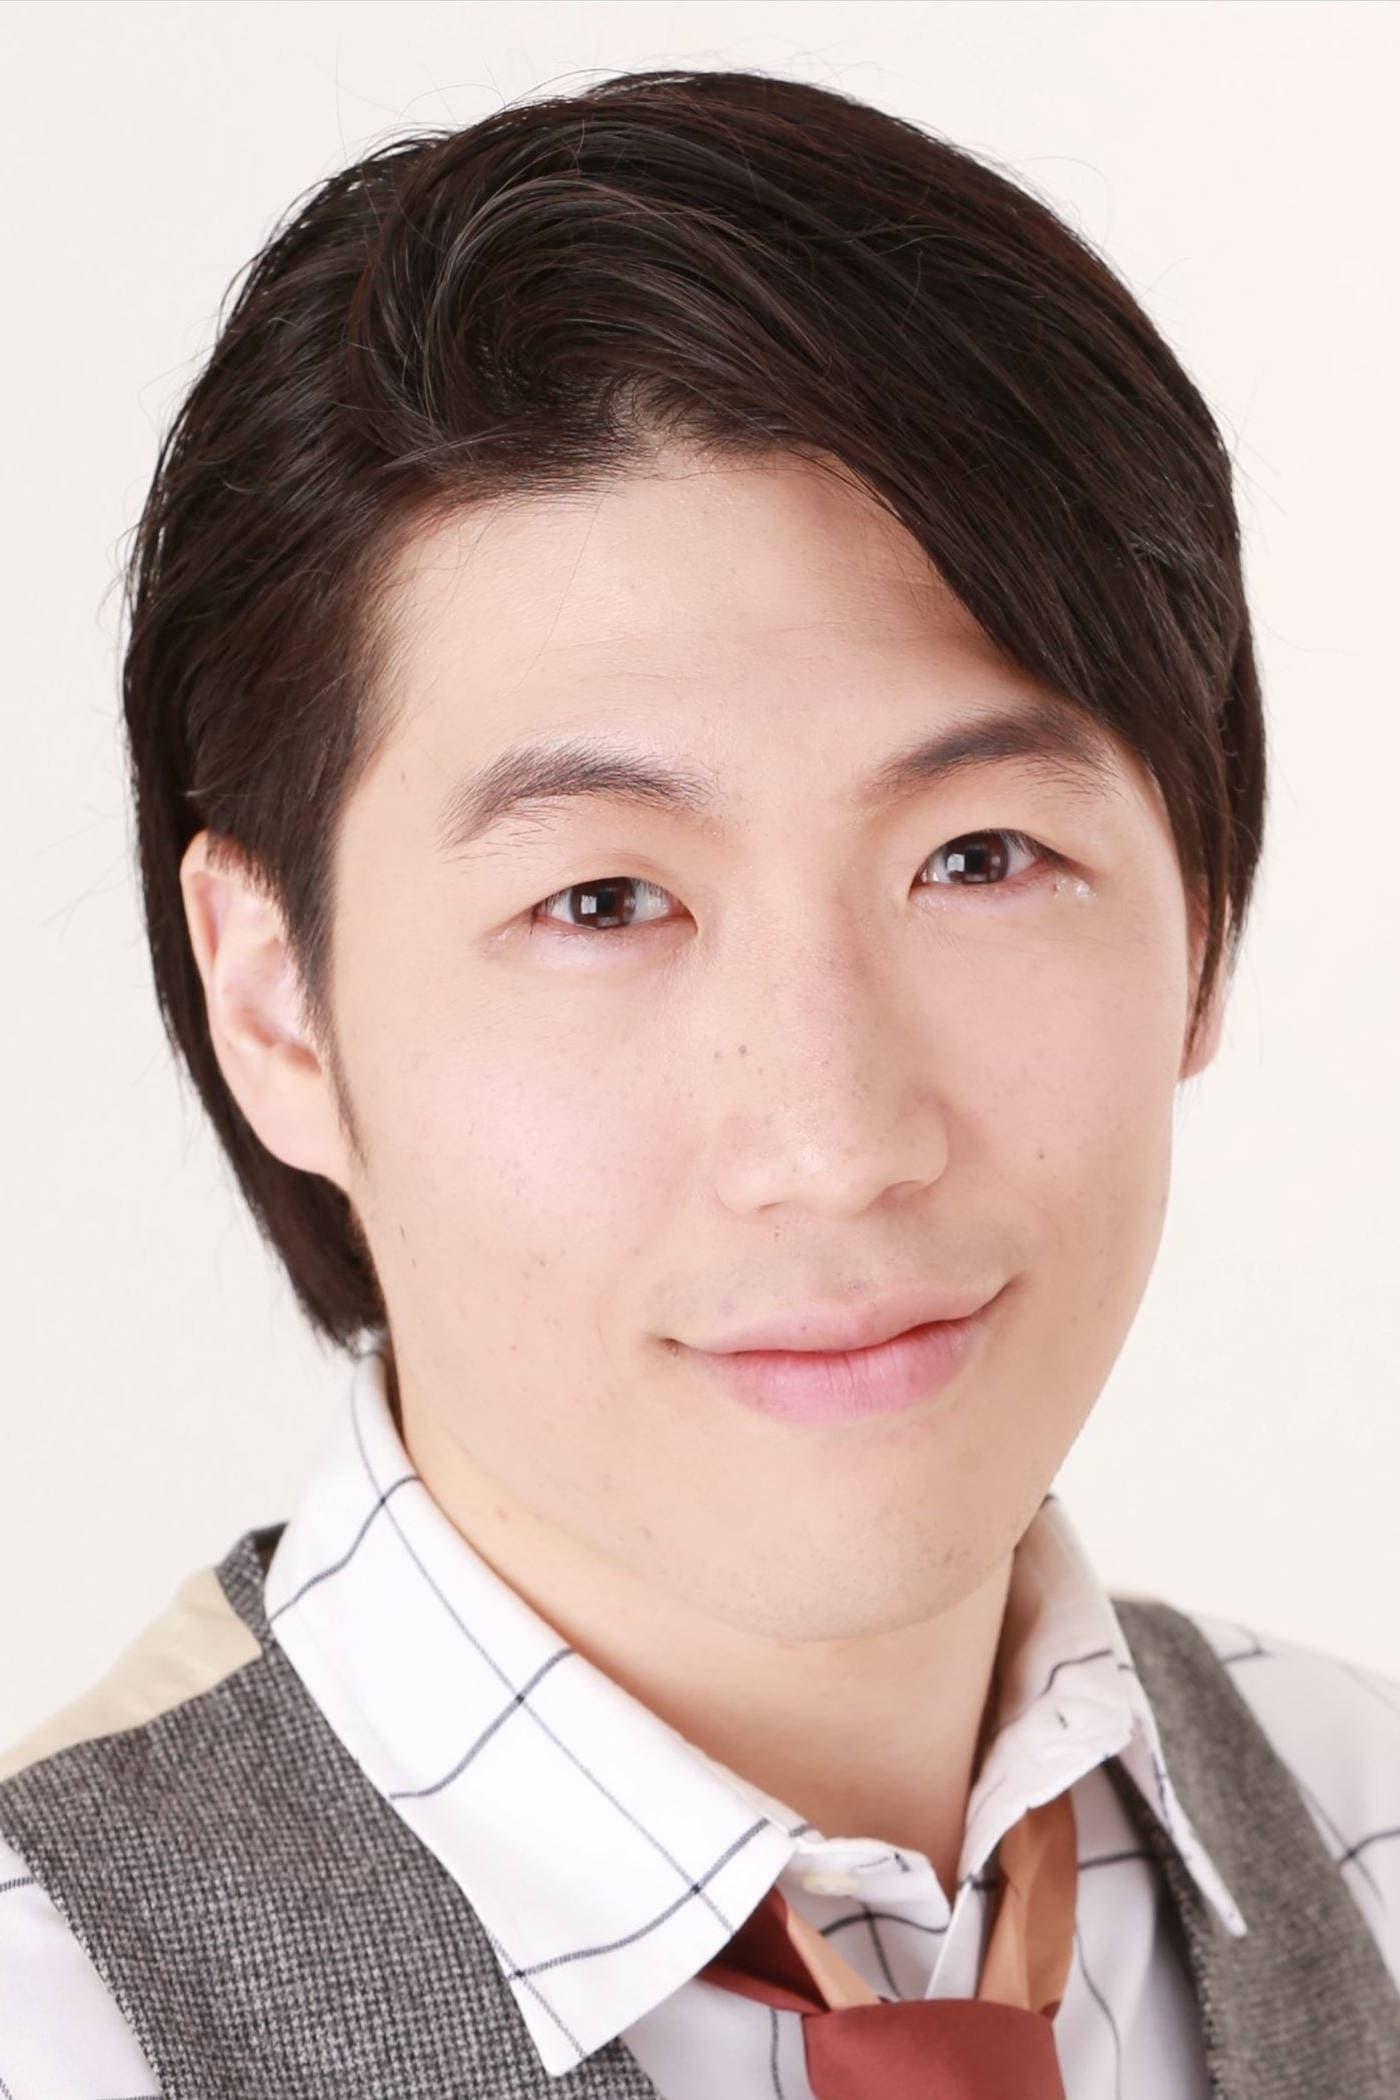 Yoshiaki Okabe